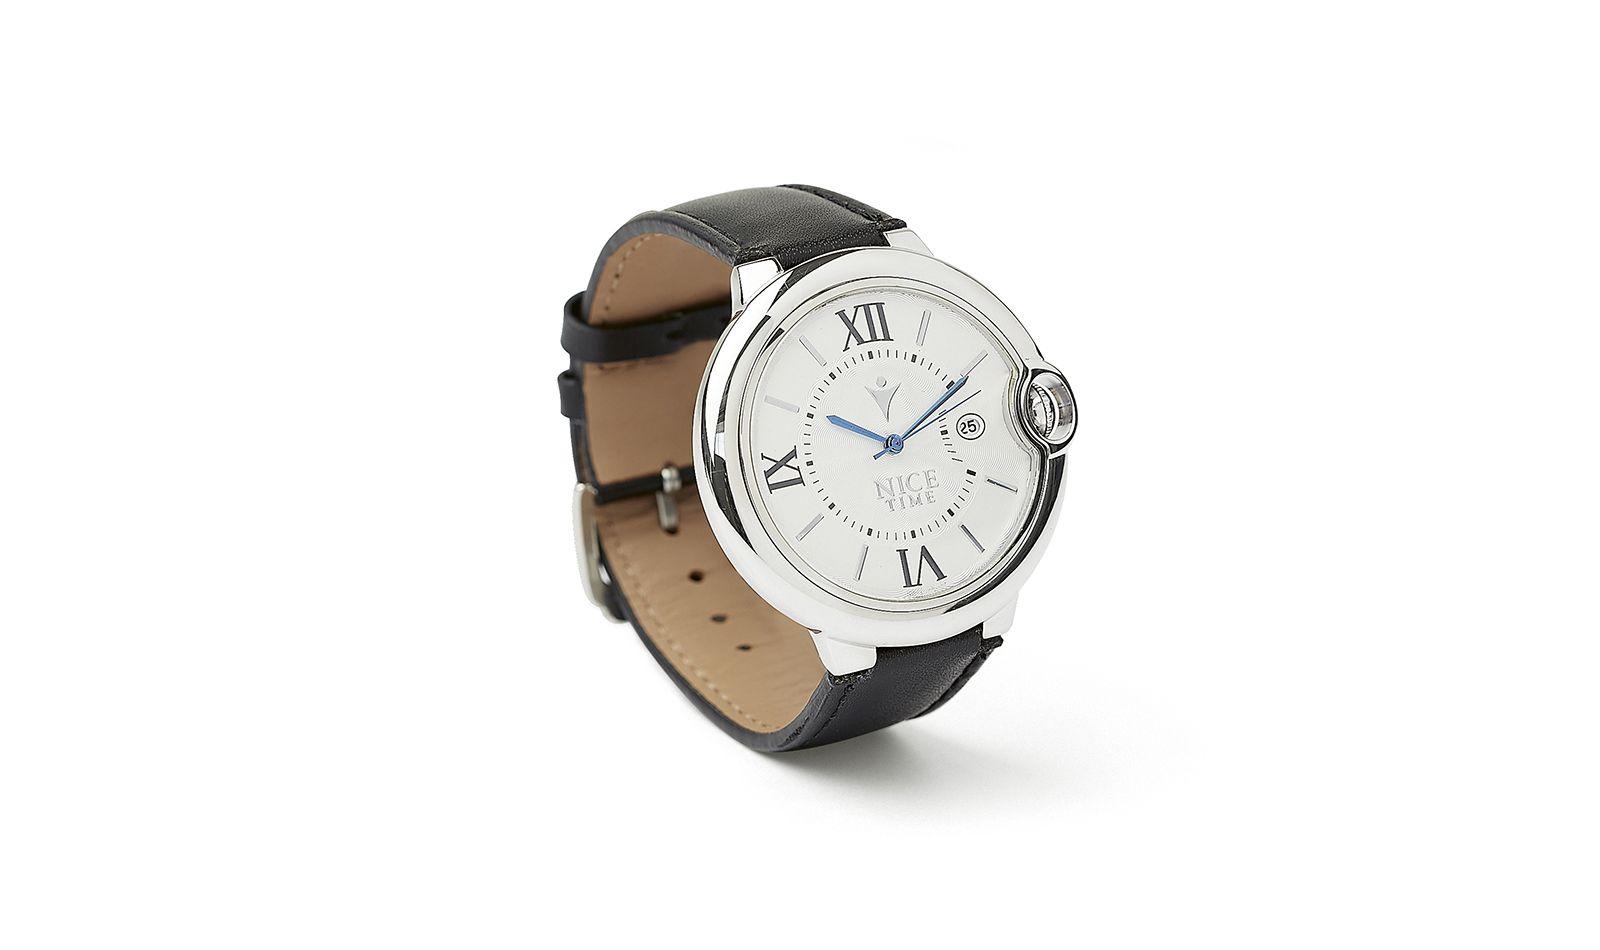 Reloj en color plateado con numeración romana y extensible en color negro. Para dama.